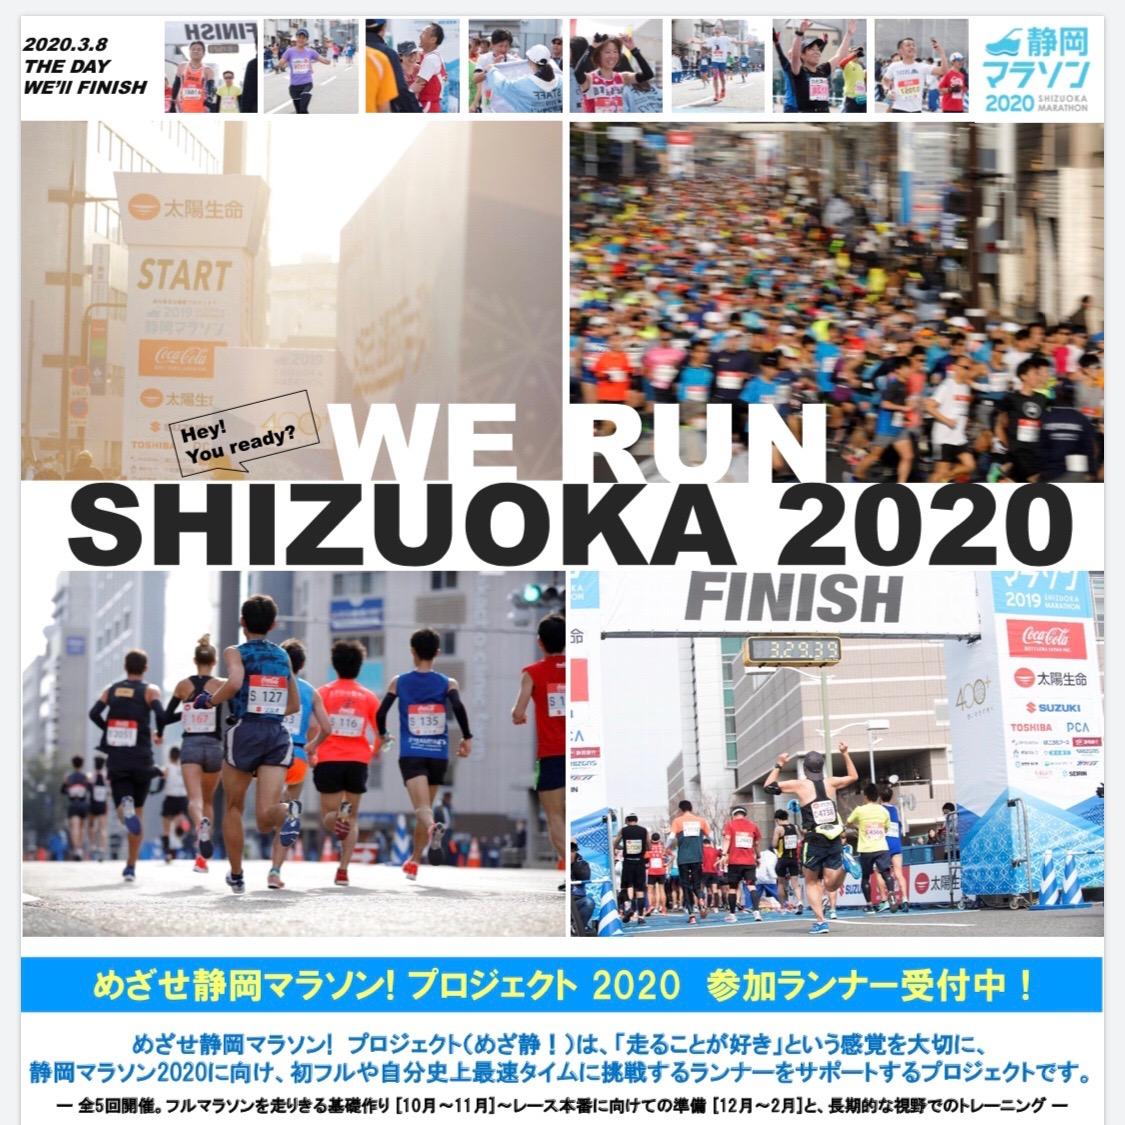 10/5(土)めざ静!2020<br>1st.開催レポート